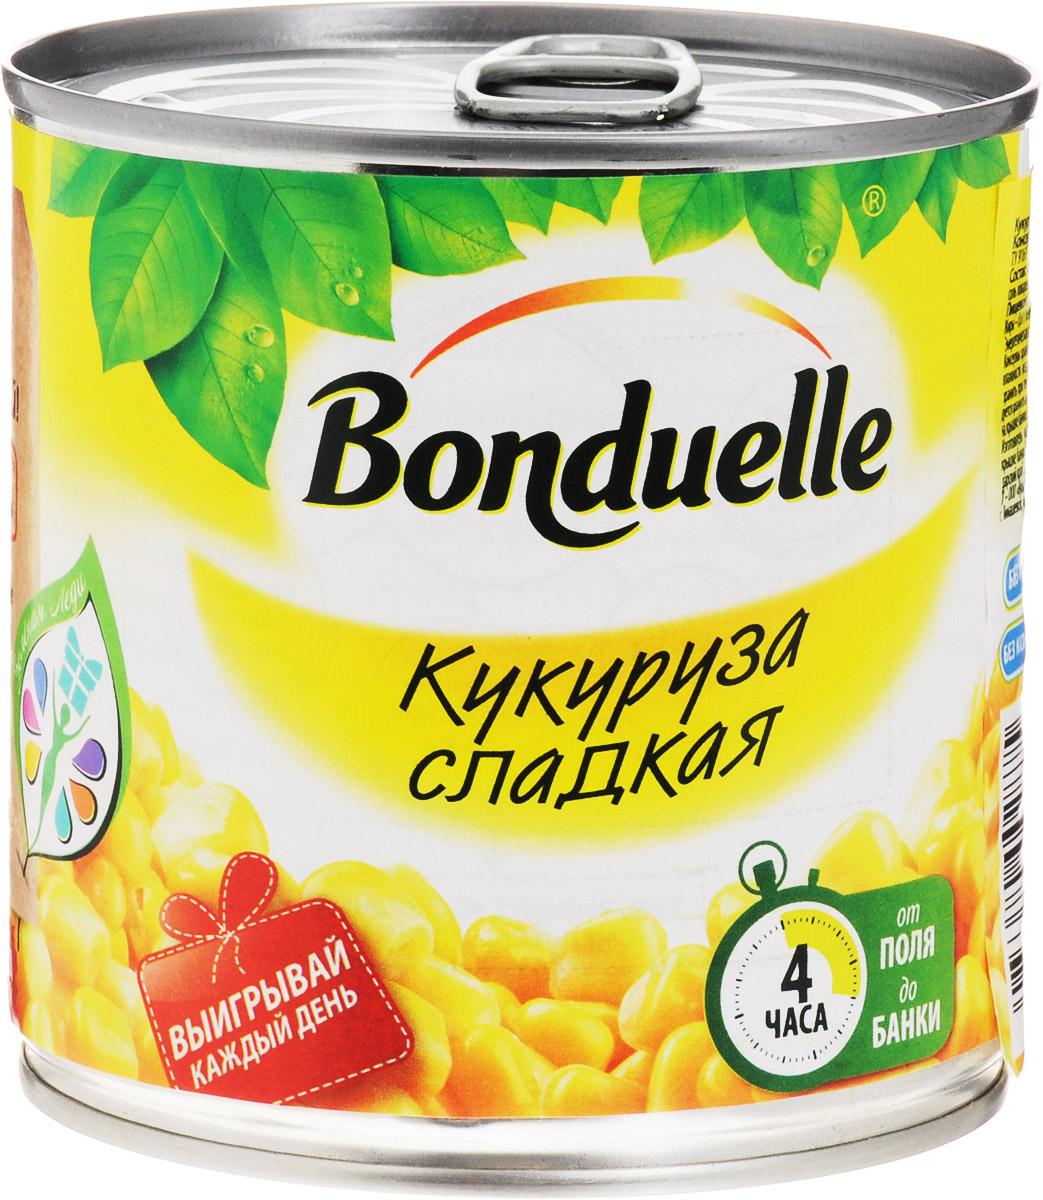 Bonduelle кукуруза сладкая, 340 г0120710Настоящая классика Bonduelle - продукты, давно знакомые и востребованные, а значит, их качество проверено временем и подтверждено любовью миллионов хозяек и поваров. Без них невозможно представить ни один стол нашей страны, а особенно праздничное меню, где обязательно имеются салаты с зеленым горошком и кукурузой.Уважаемые клиенты! Обращаем ваше внимание, что полный перечень состава продукта представлен на дополнительном изображении.